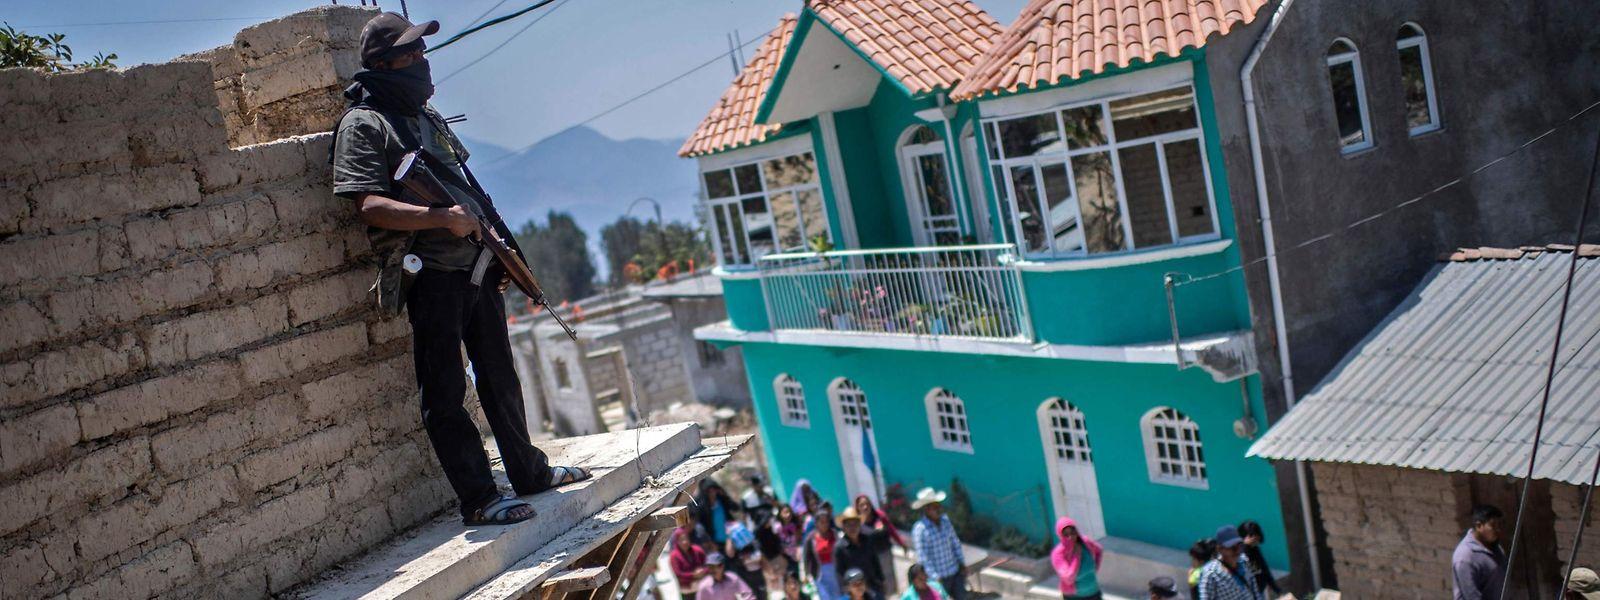 Im Dorf Ayahualtempa wie in den meisten mexikanischen Kommunen gehören Gewalt und Schwerbewaffnete zum Alltag.